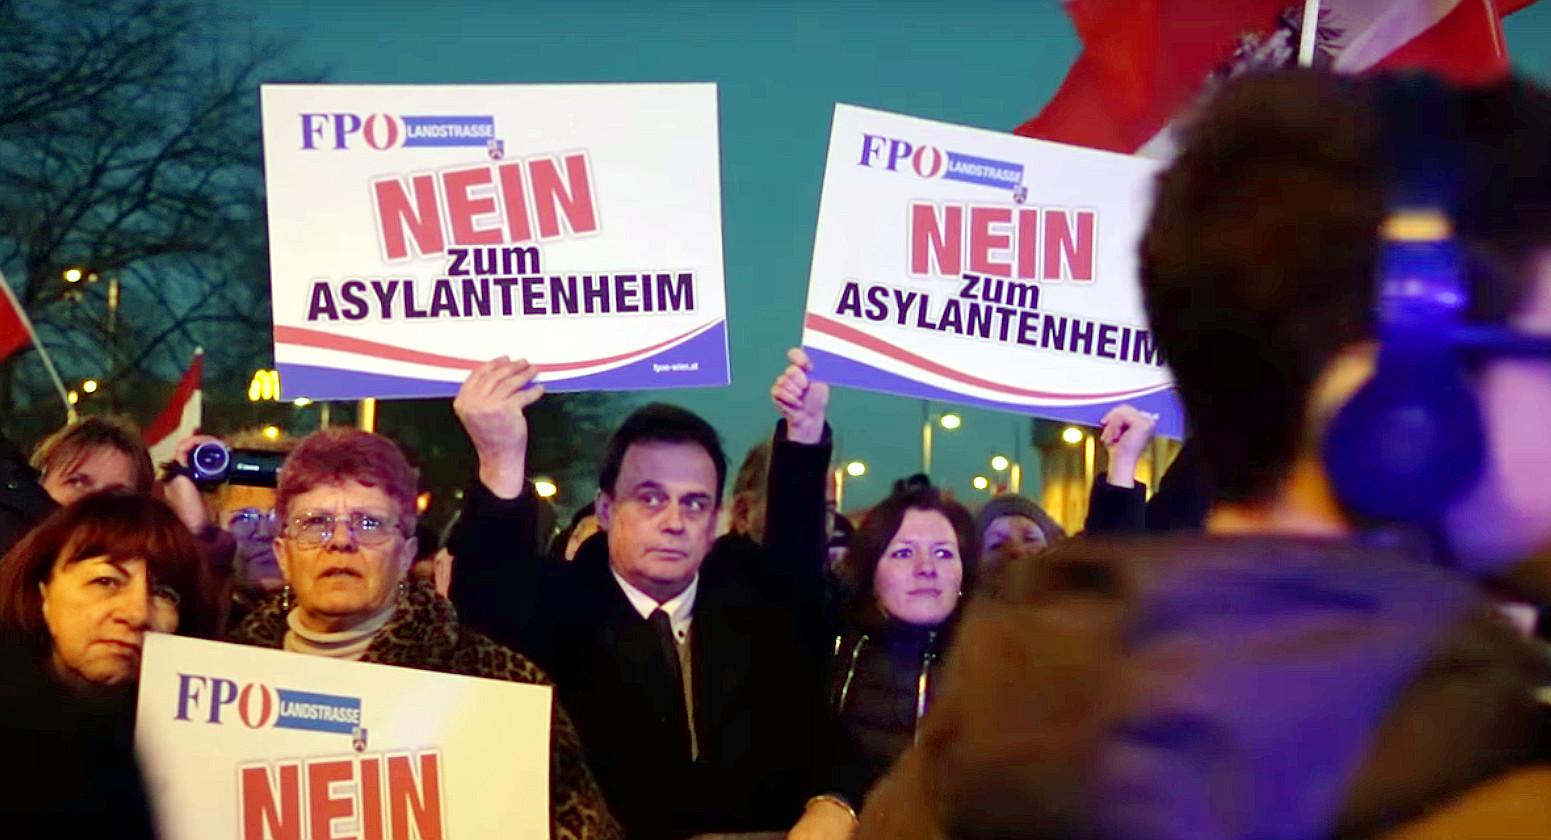 """Wiens Asyl-Baunovelle laut Top-Juristen """"rechtlich bedenklich"""""""